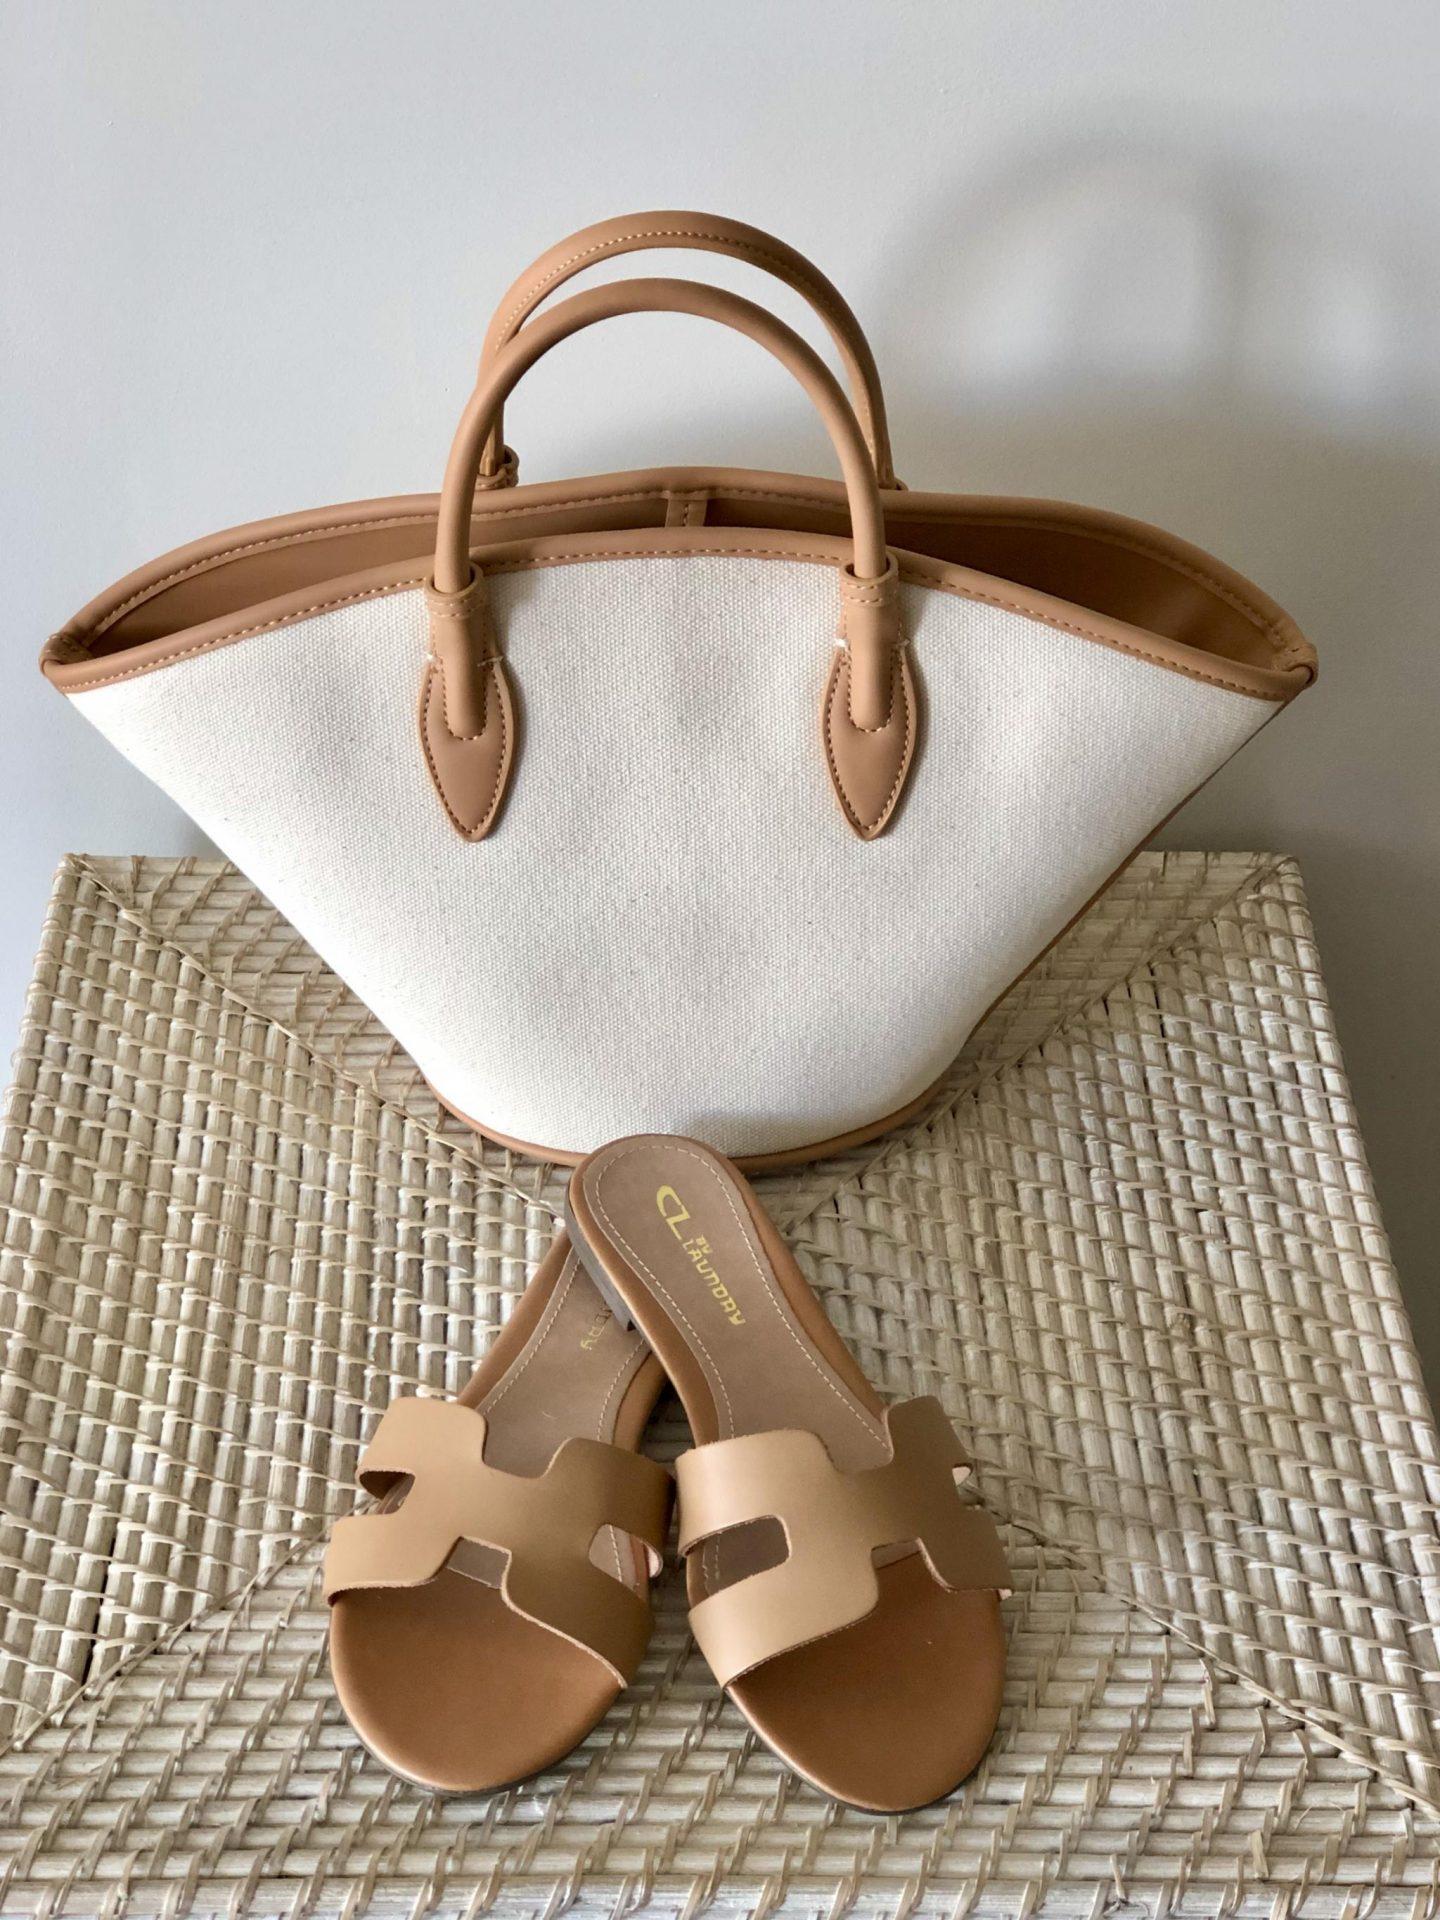 Zara Canvas Basket Bag (ref no. 6403/610)